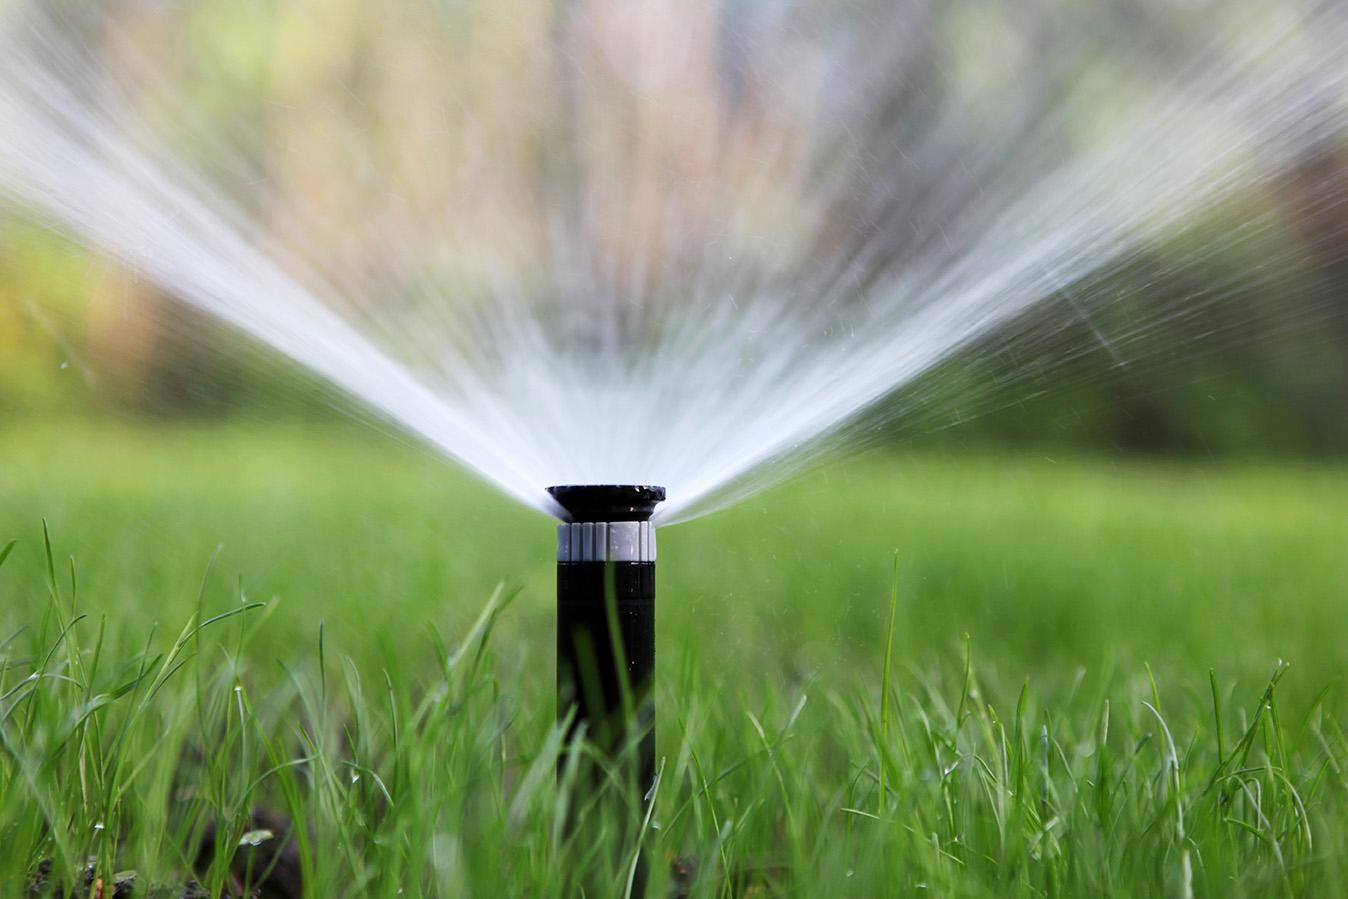 sprinkler-system-irrigation-copy.jpg